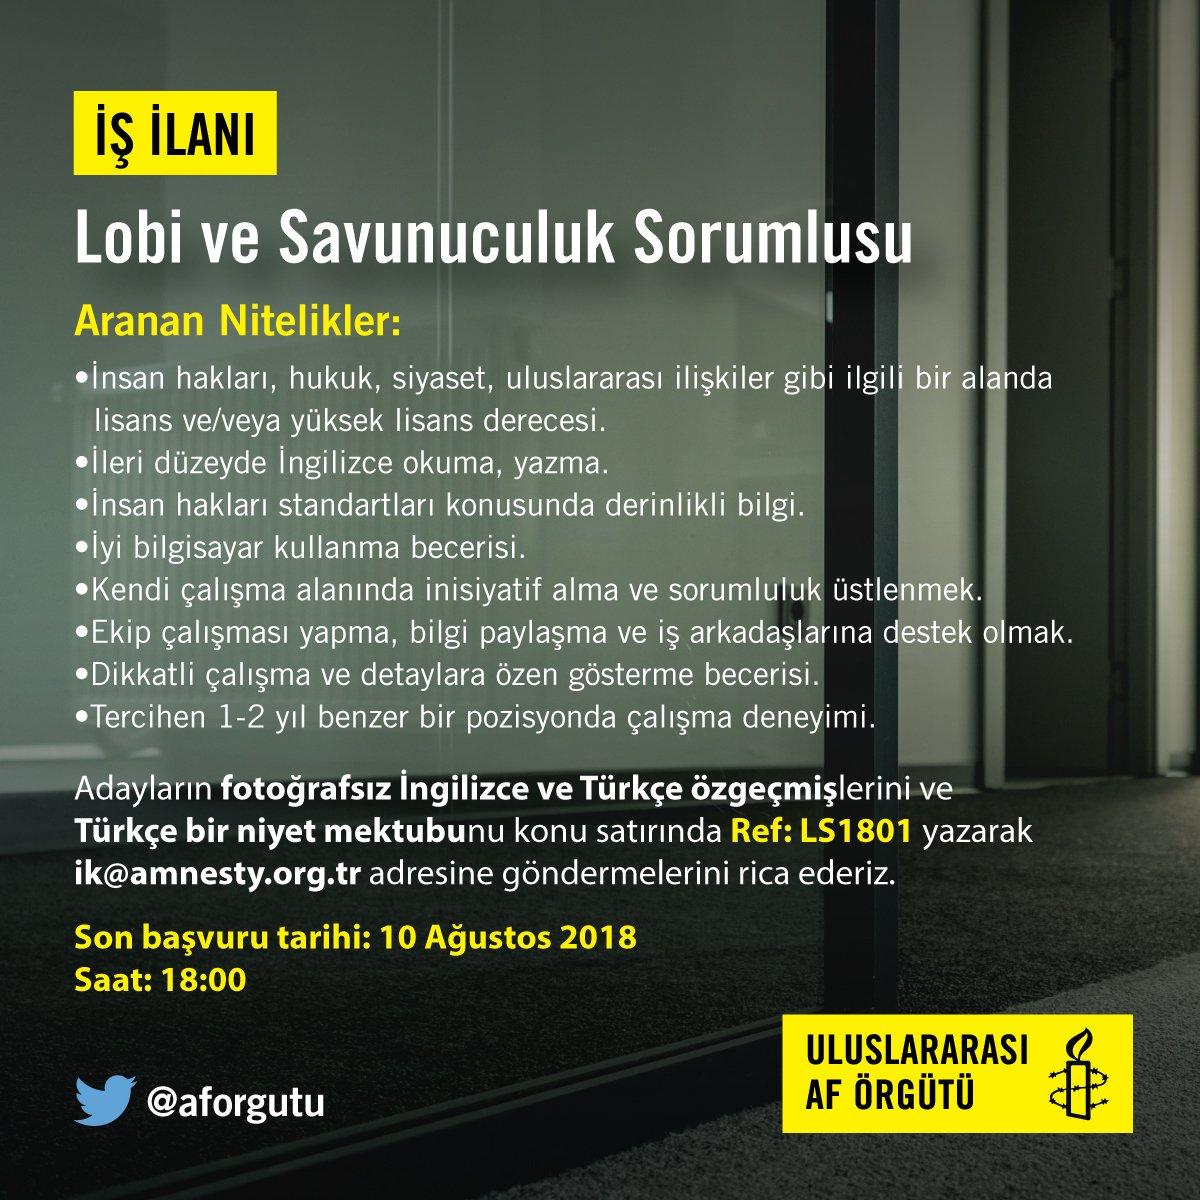 Uluslararası Af ÖrgütüLobi ve Savunuculuk Sorumlusuarıyor!